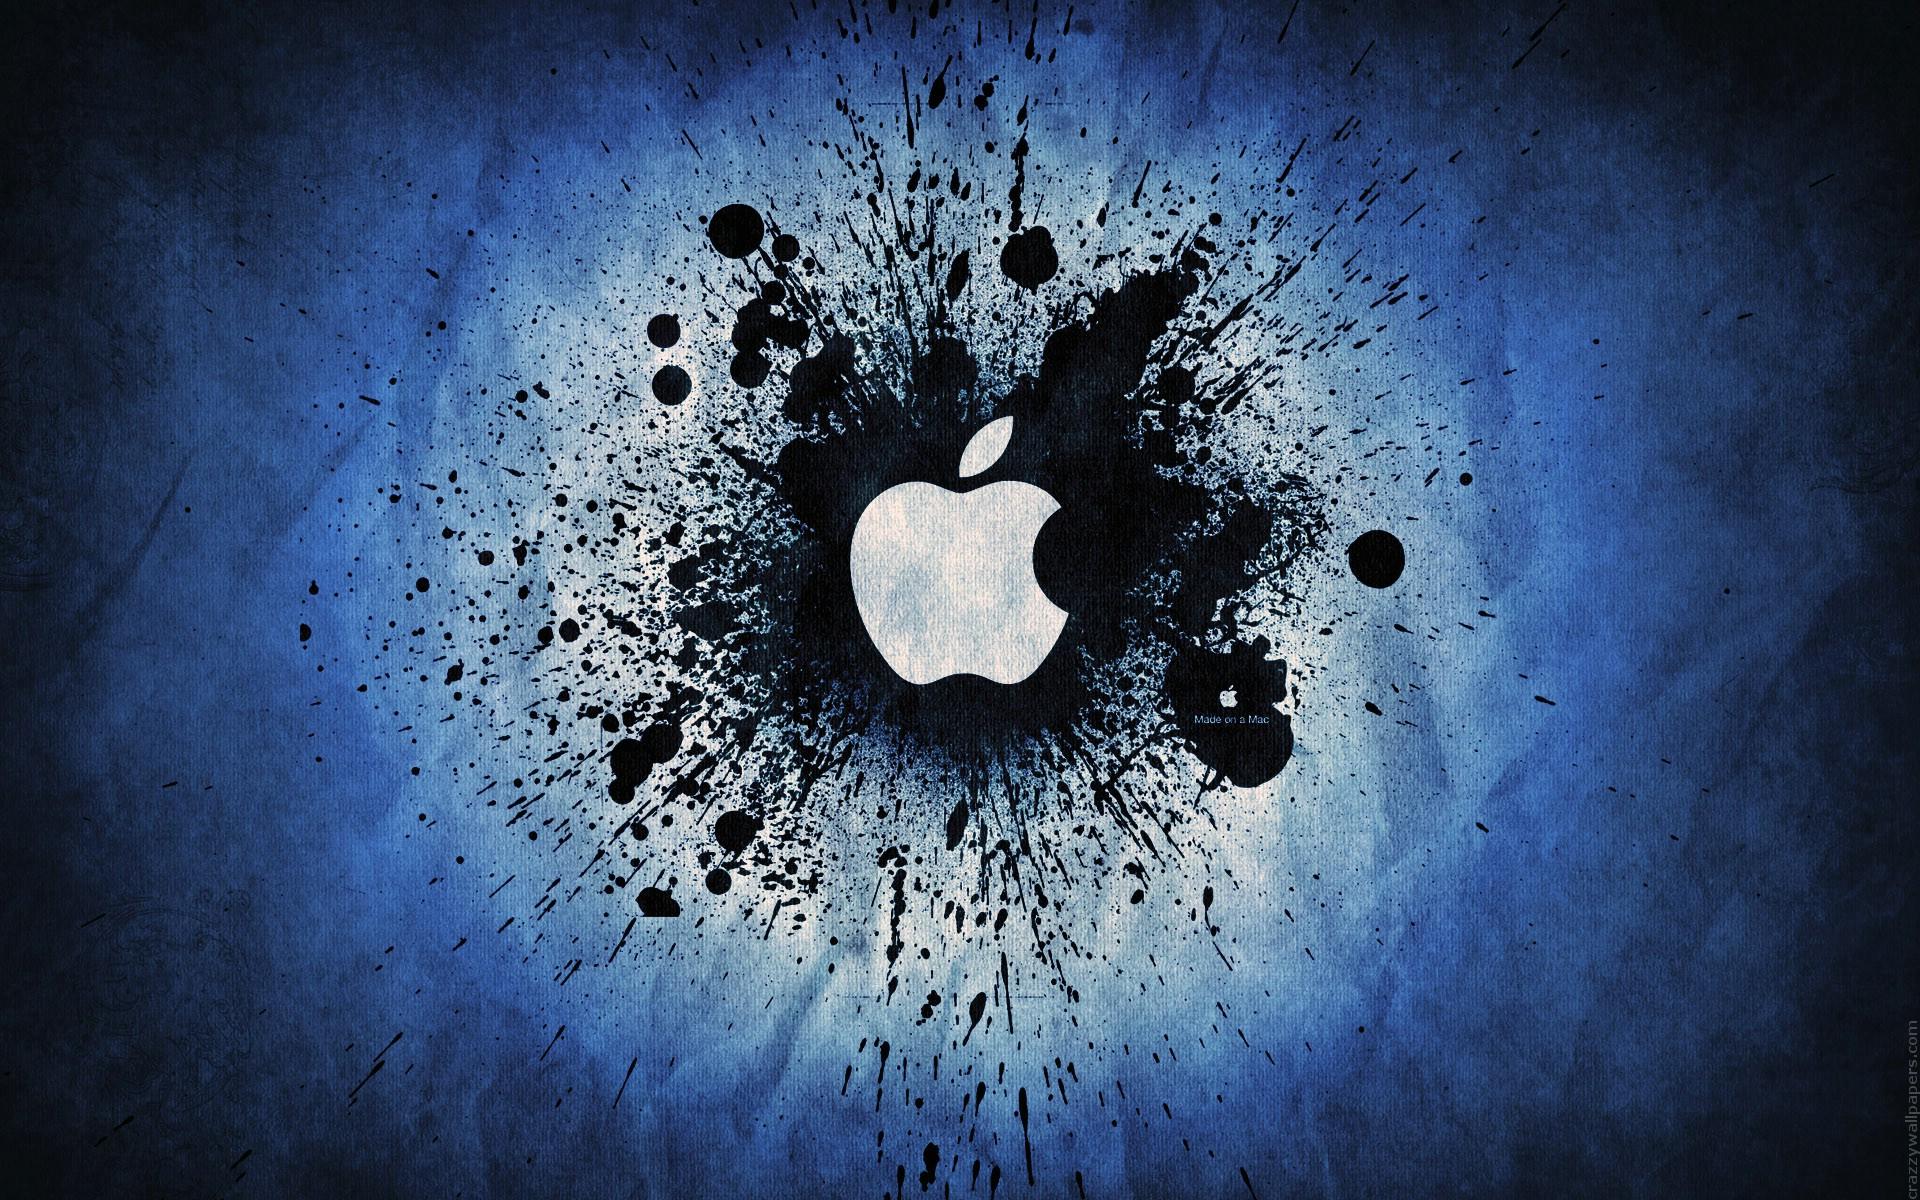 hd apple wallpaper hd wallpapers pulse